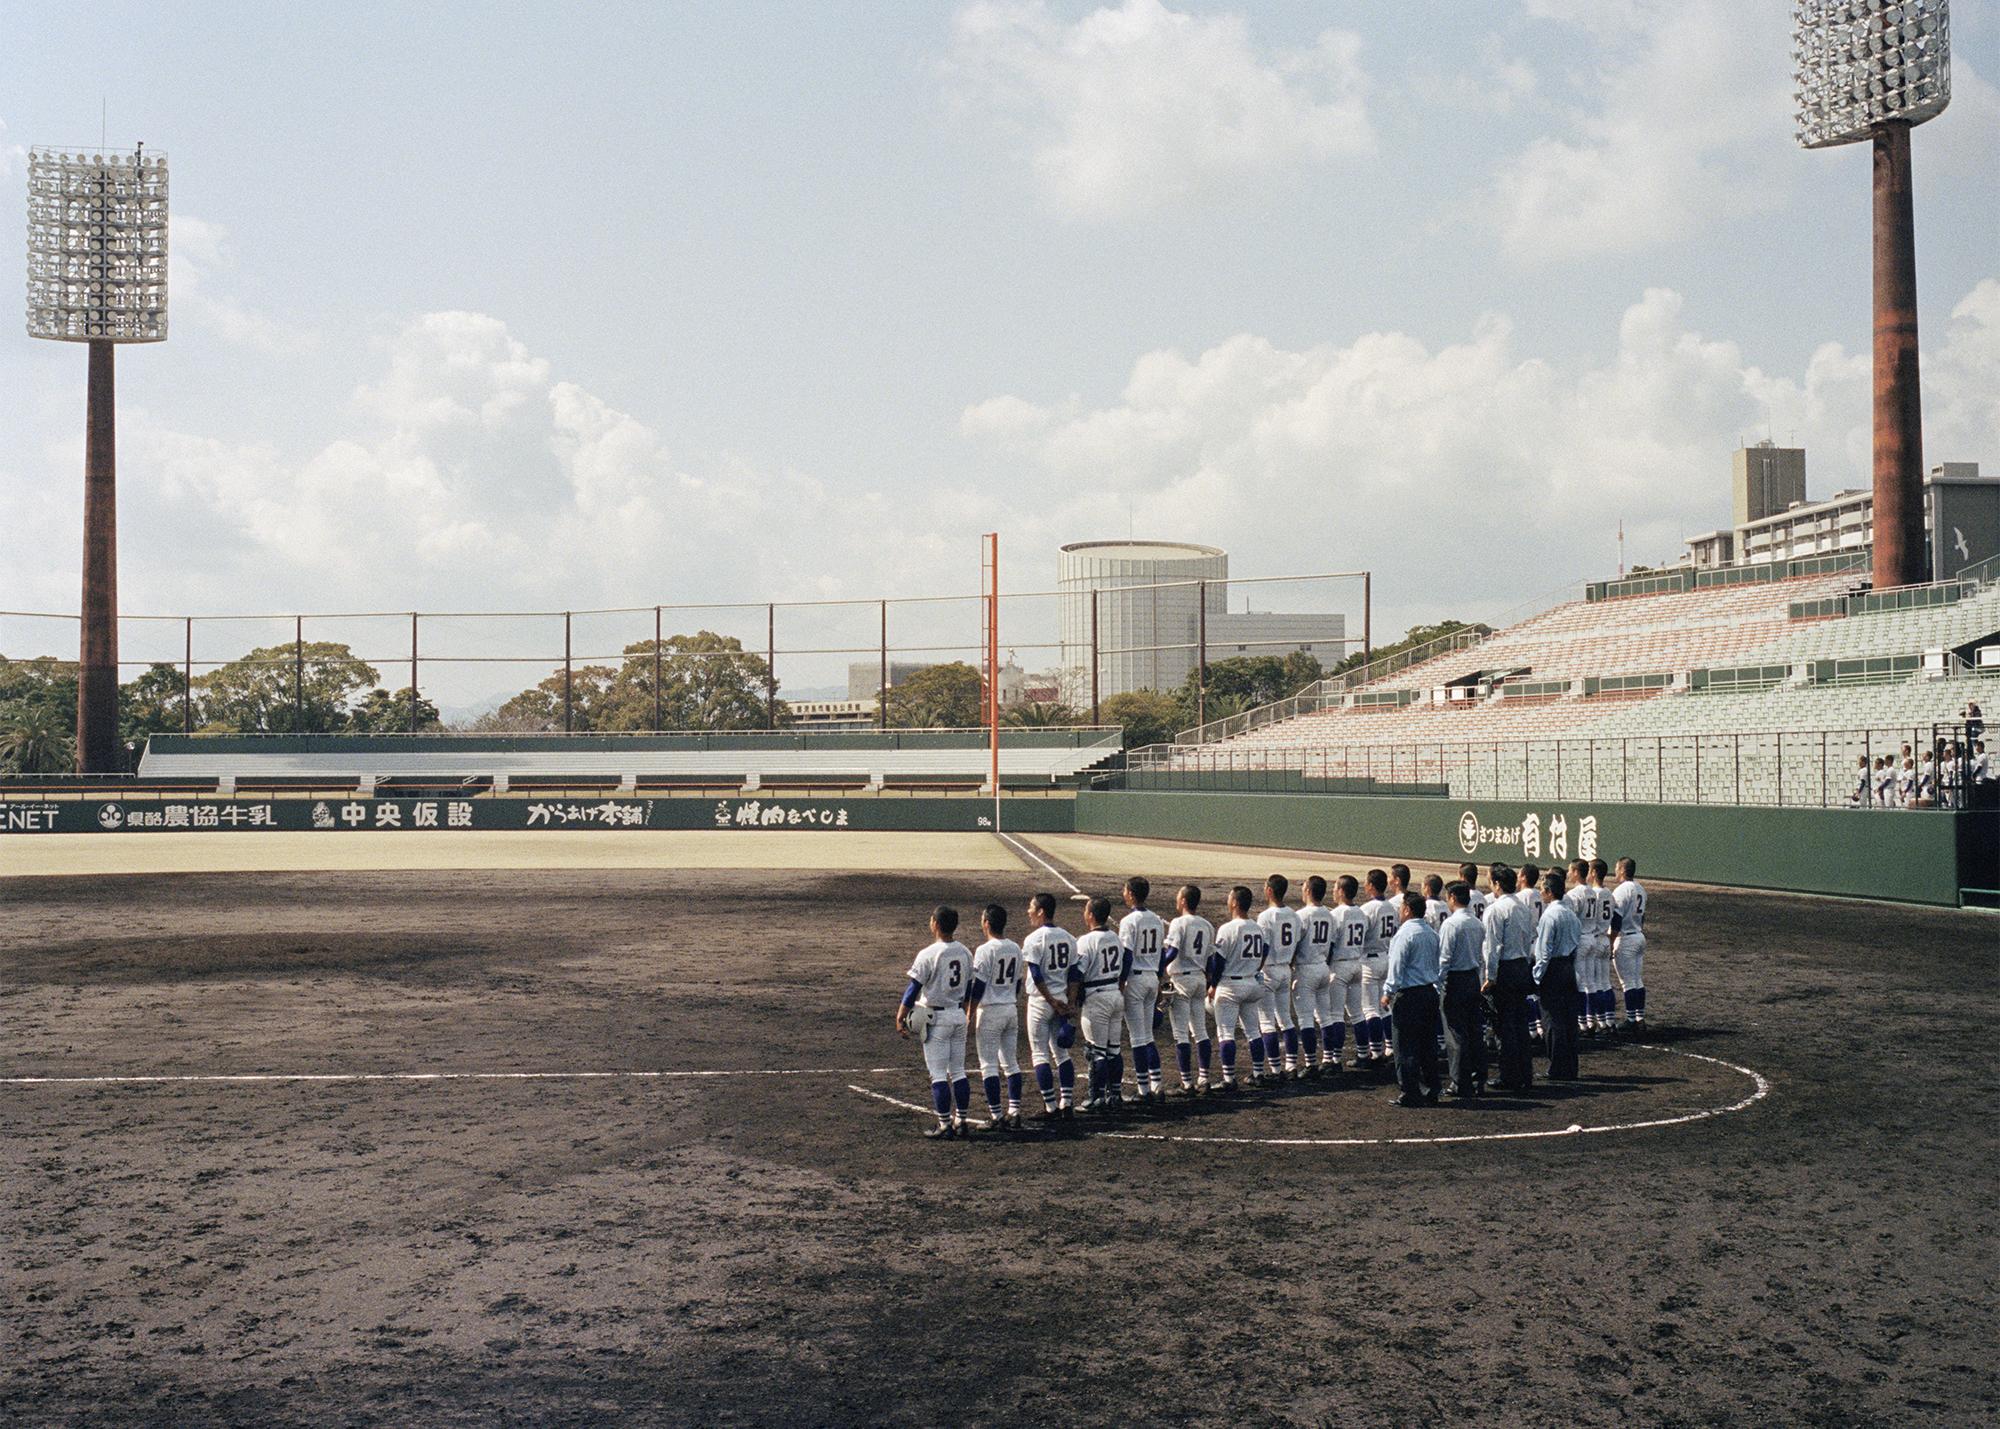 2_baseball_team.jpg